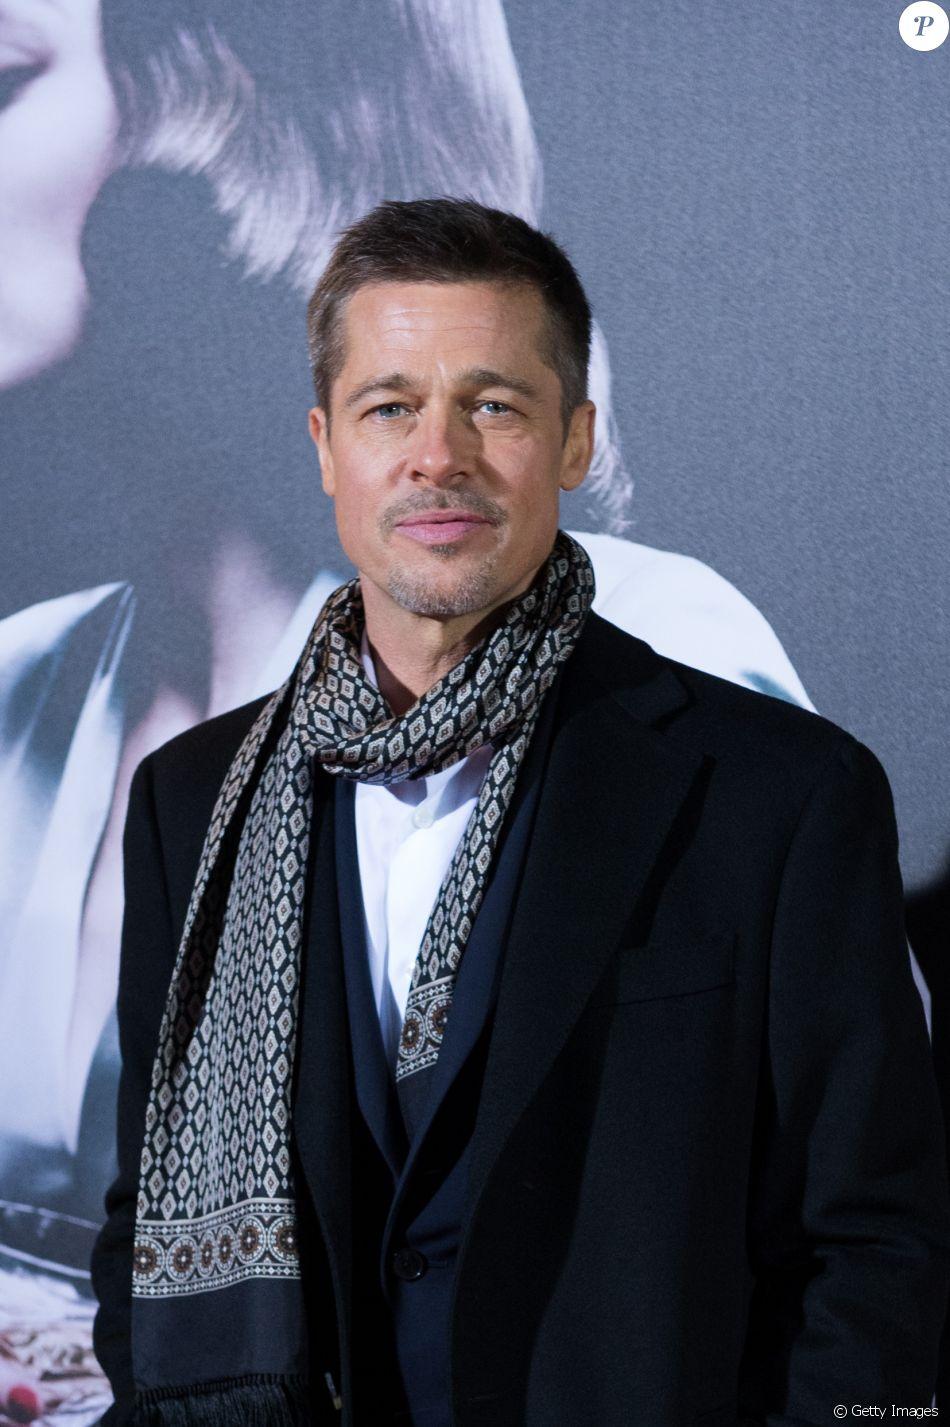 Brad Pitt pediu sigilo de documentos de seu divórcio com Angelina Jolie, mas juiz negou a solicitação nesta quarta-feira, dia 07 de dezembro de 2016